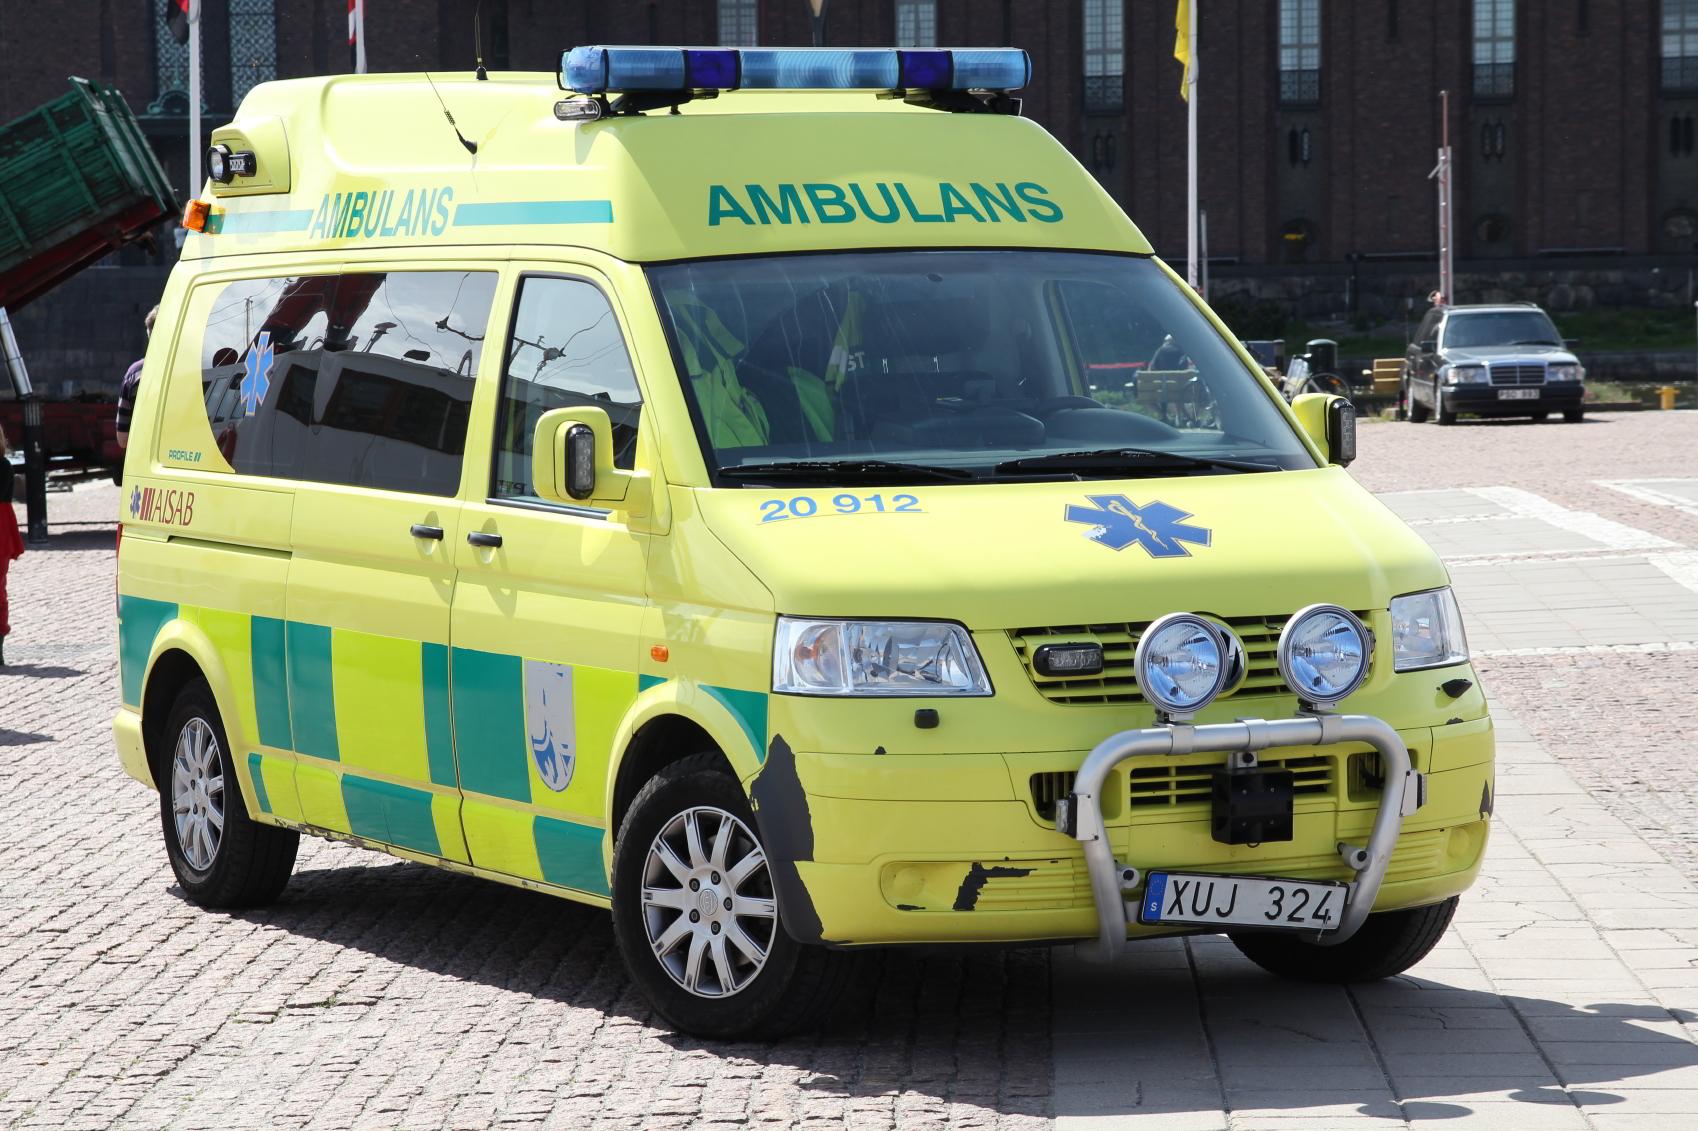 Da fødslen var en styrtfødsel blev ambulance tilkaldt